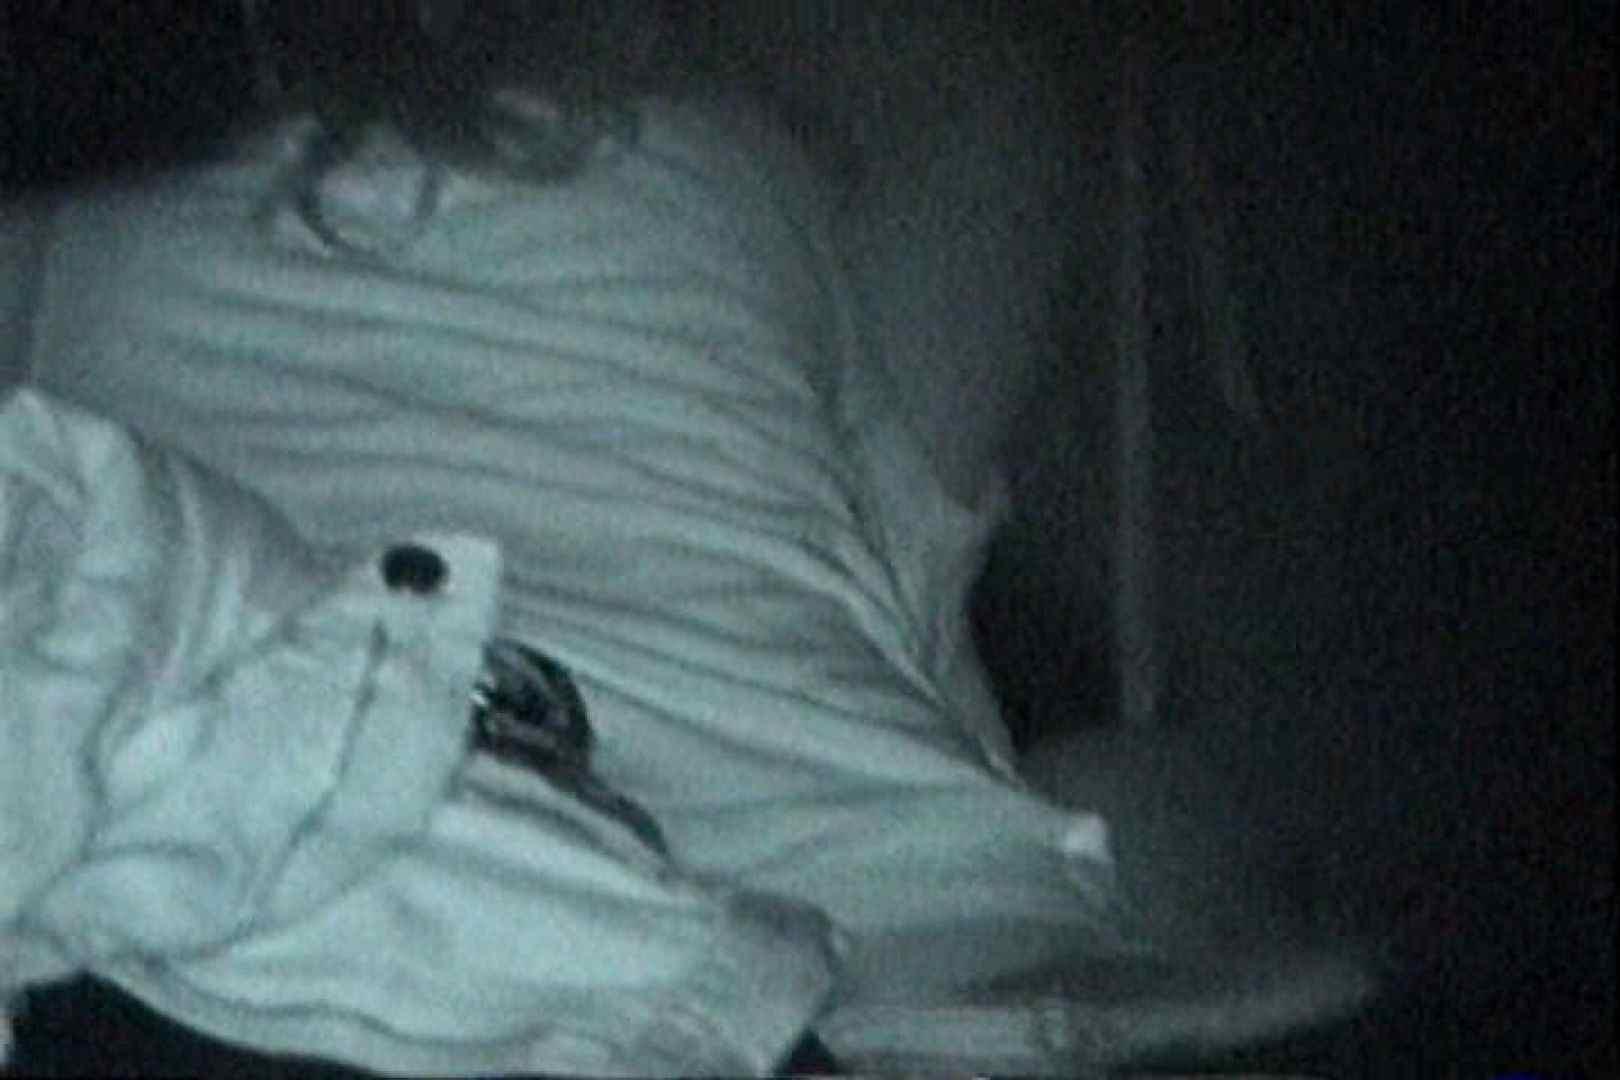 充血監督の深夜の運動会Vol.151 カーセックス AV動画キャプチャ 97画像 31